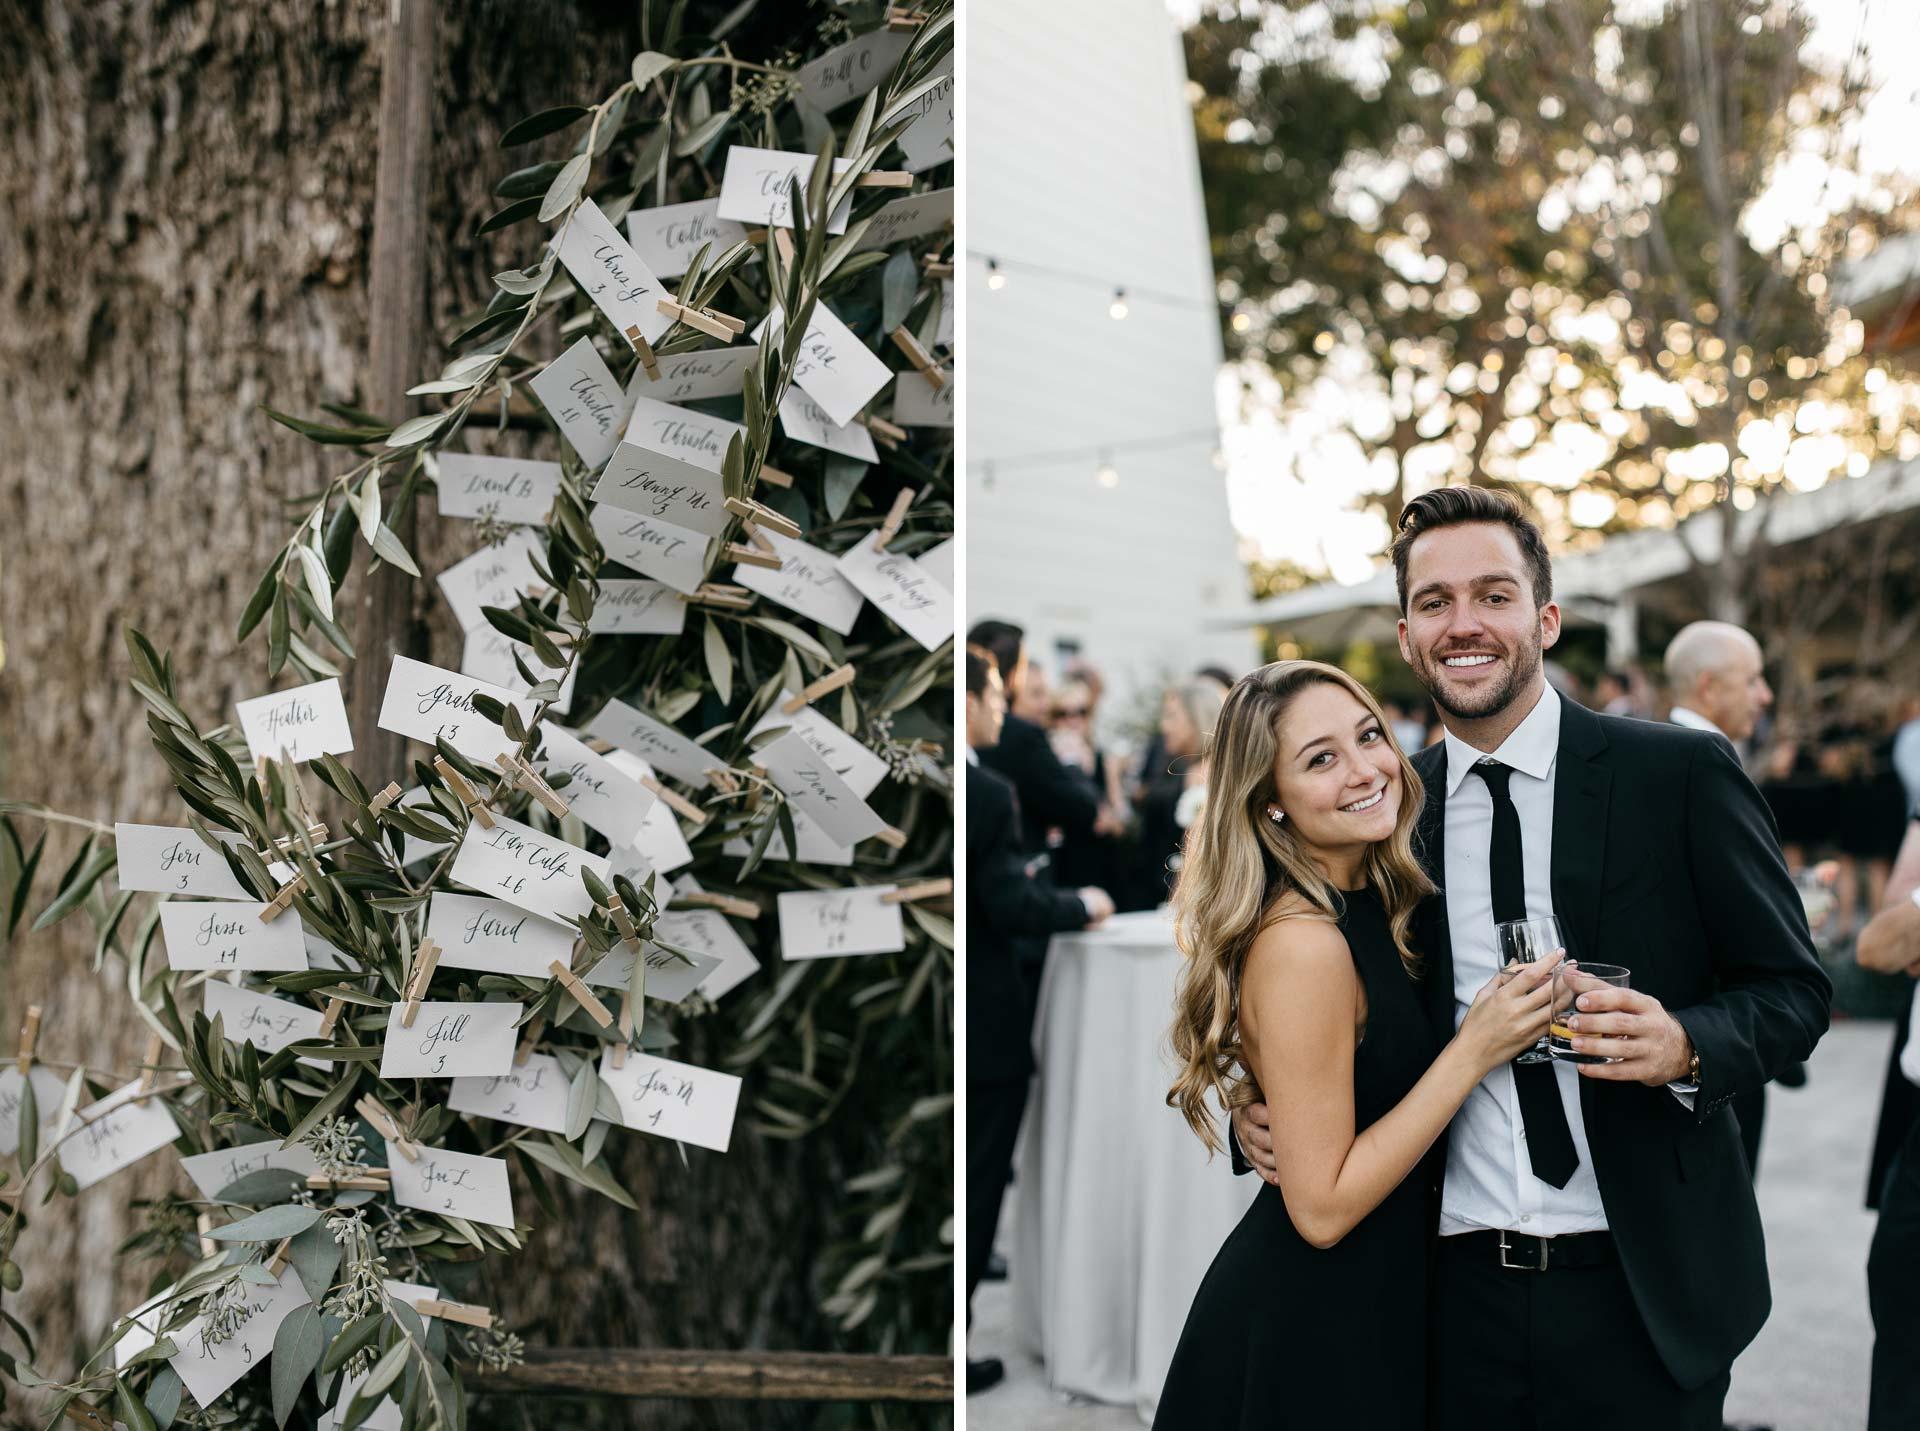 lauren_graham_wedding_california_park_winters_jeanlaurentgaudy_mix010